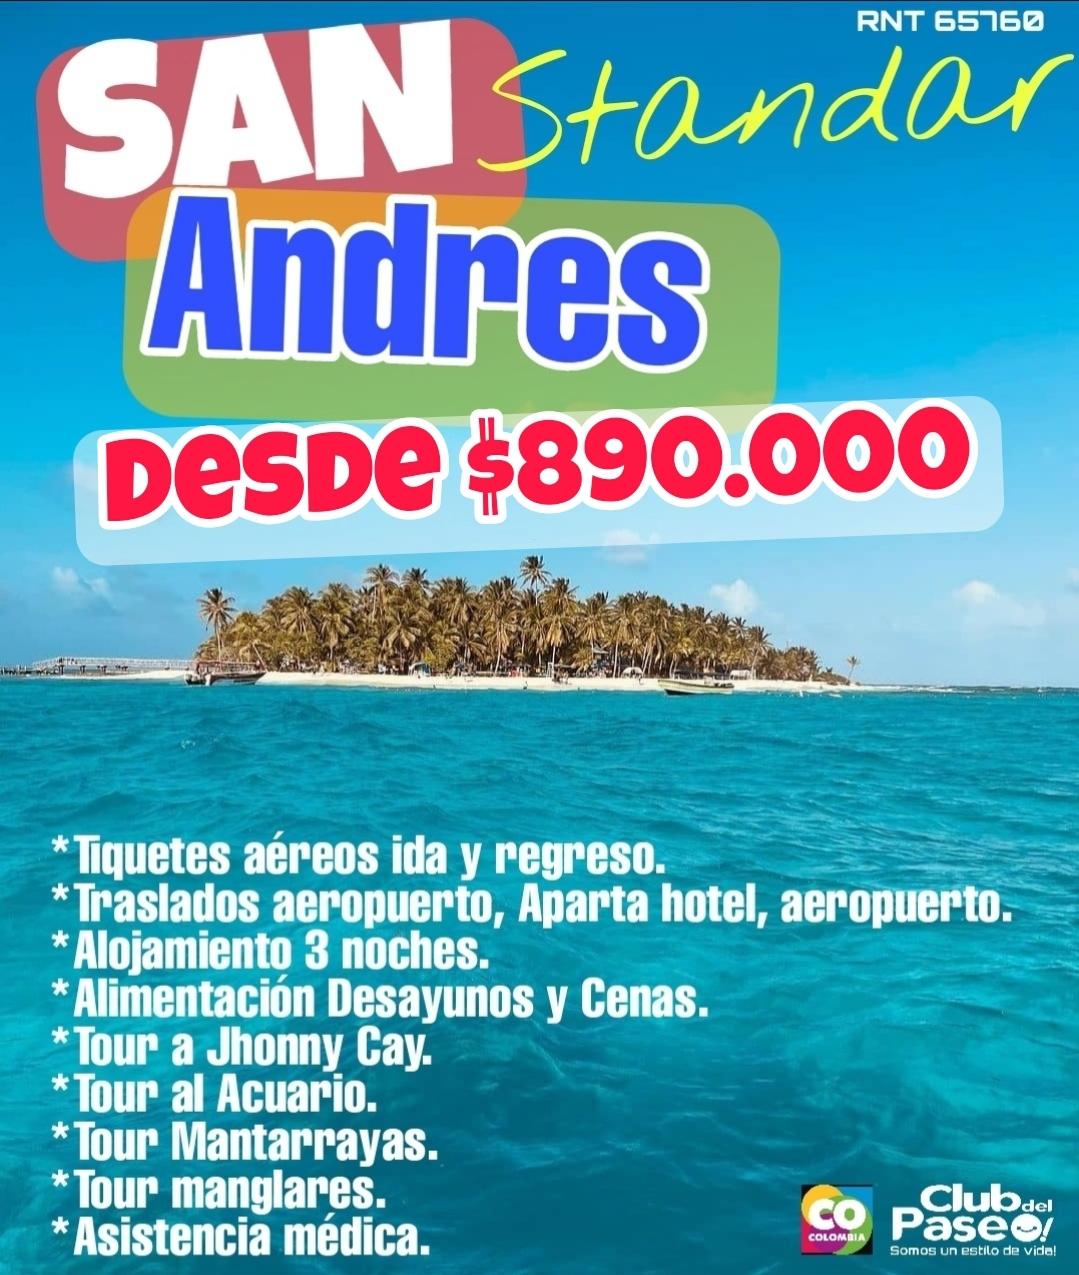 San Andrés standar